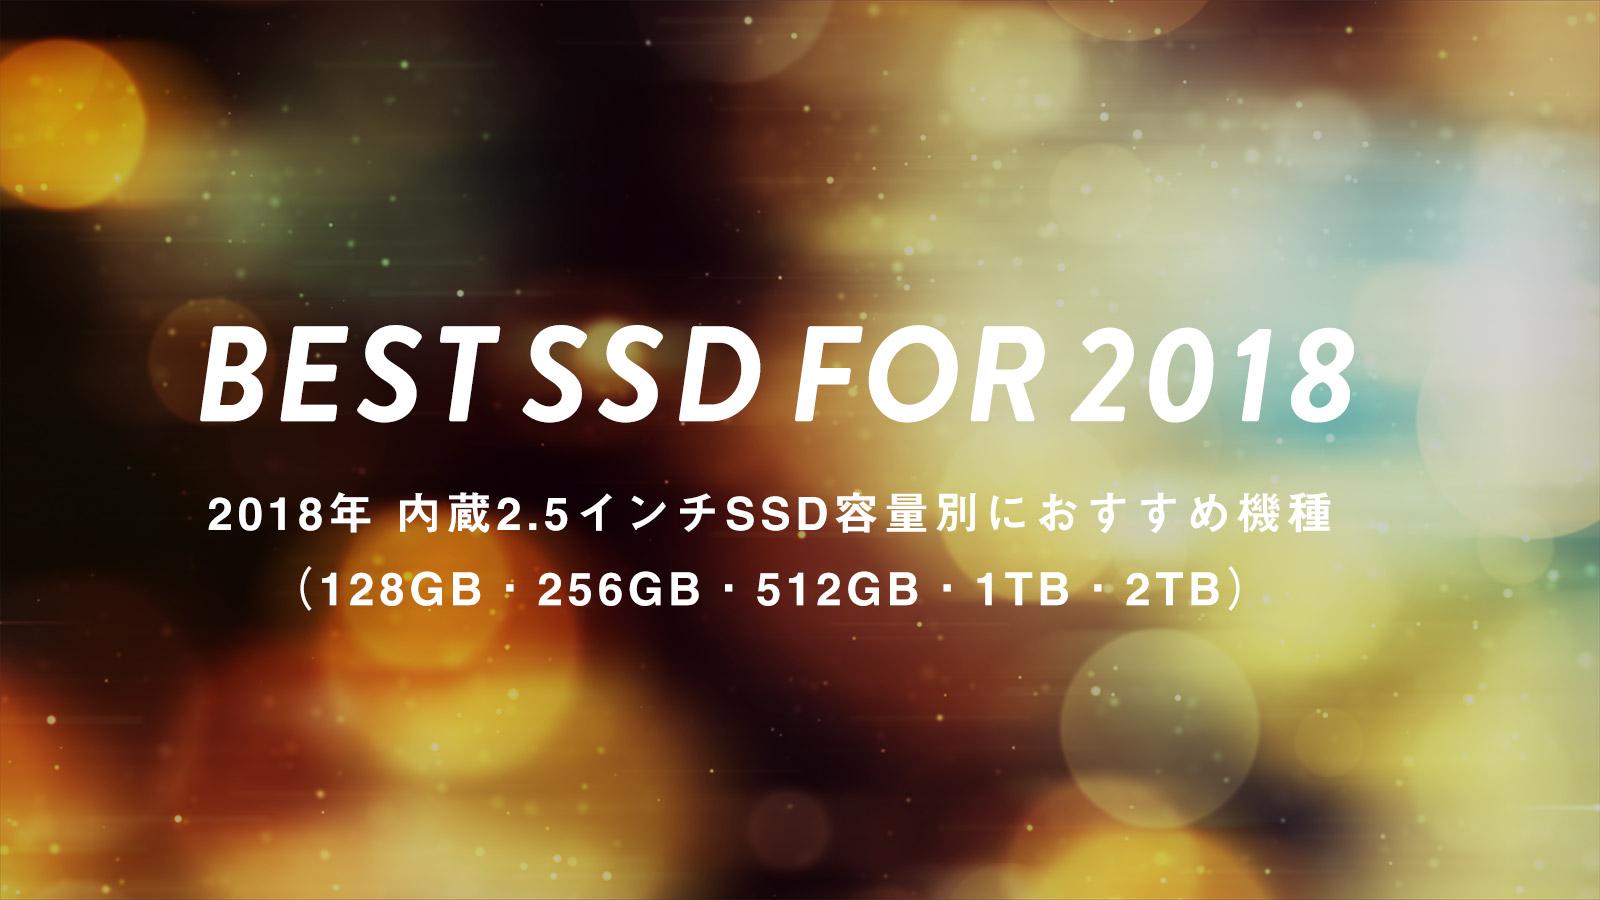 2018年 内蔵2.5インチSSD容量別におすすめ機種 (128GB・256GB・512GB・1TB・2TB)